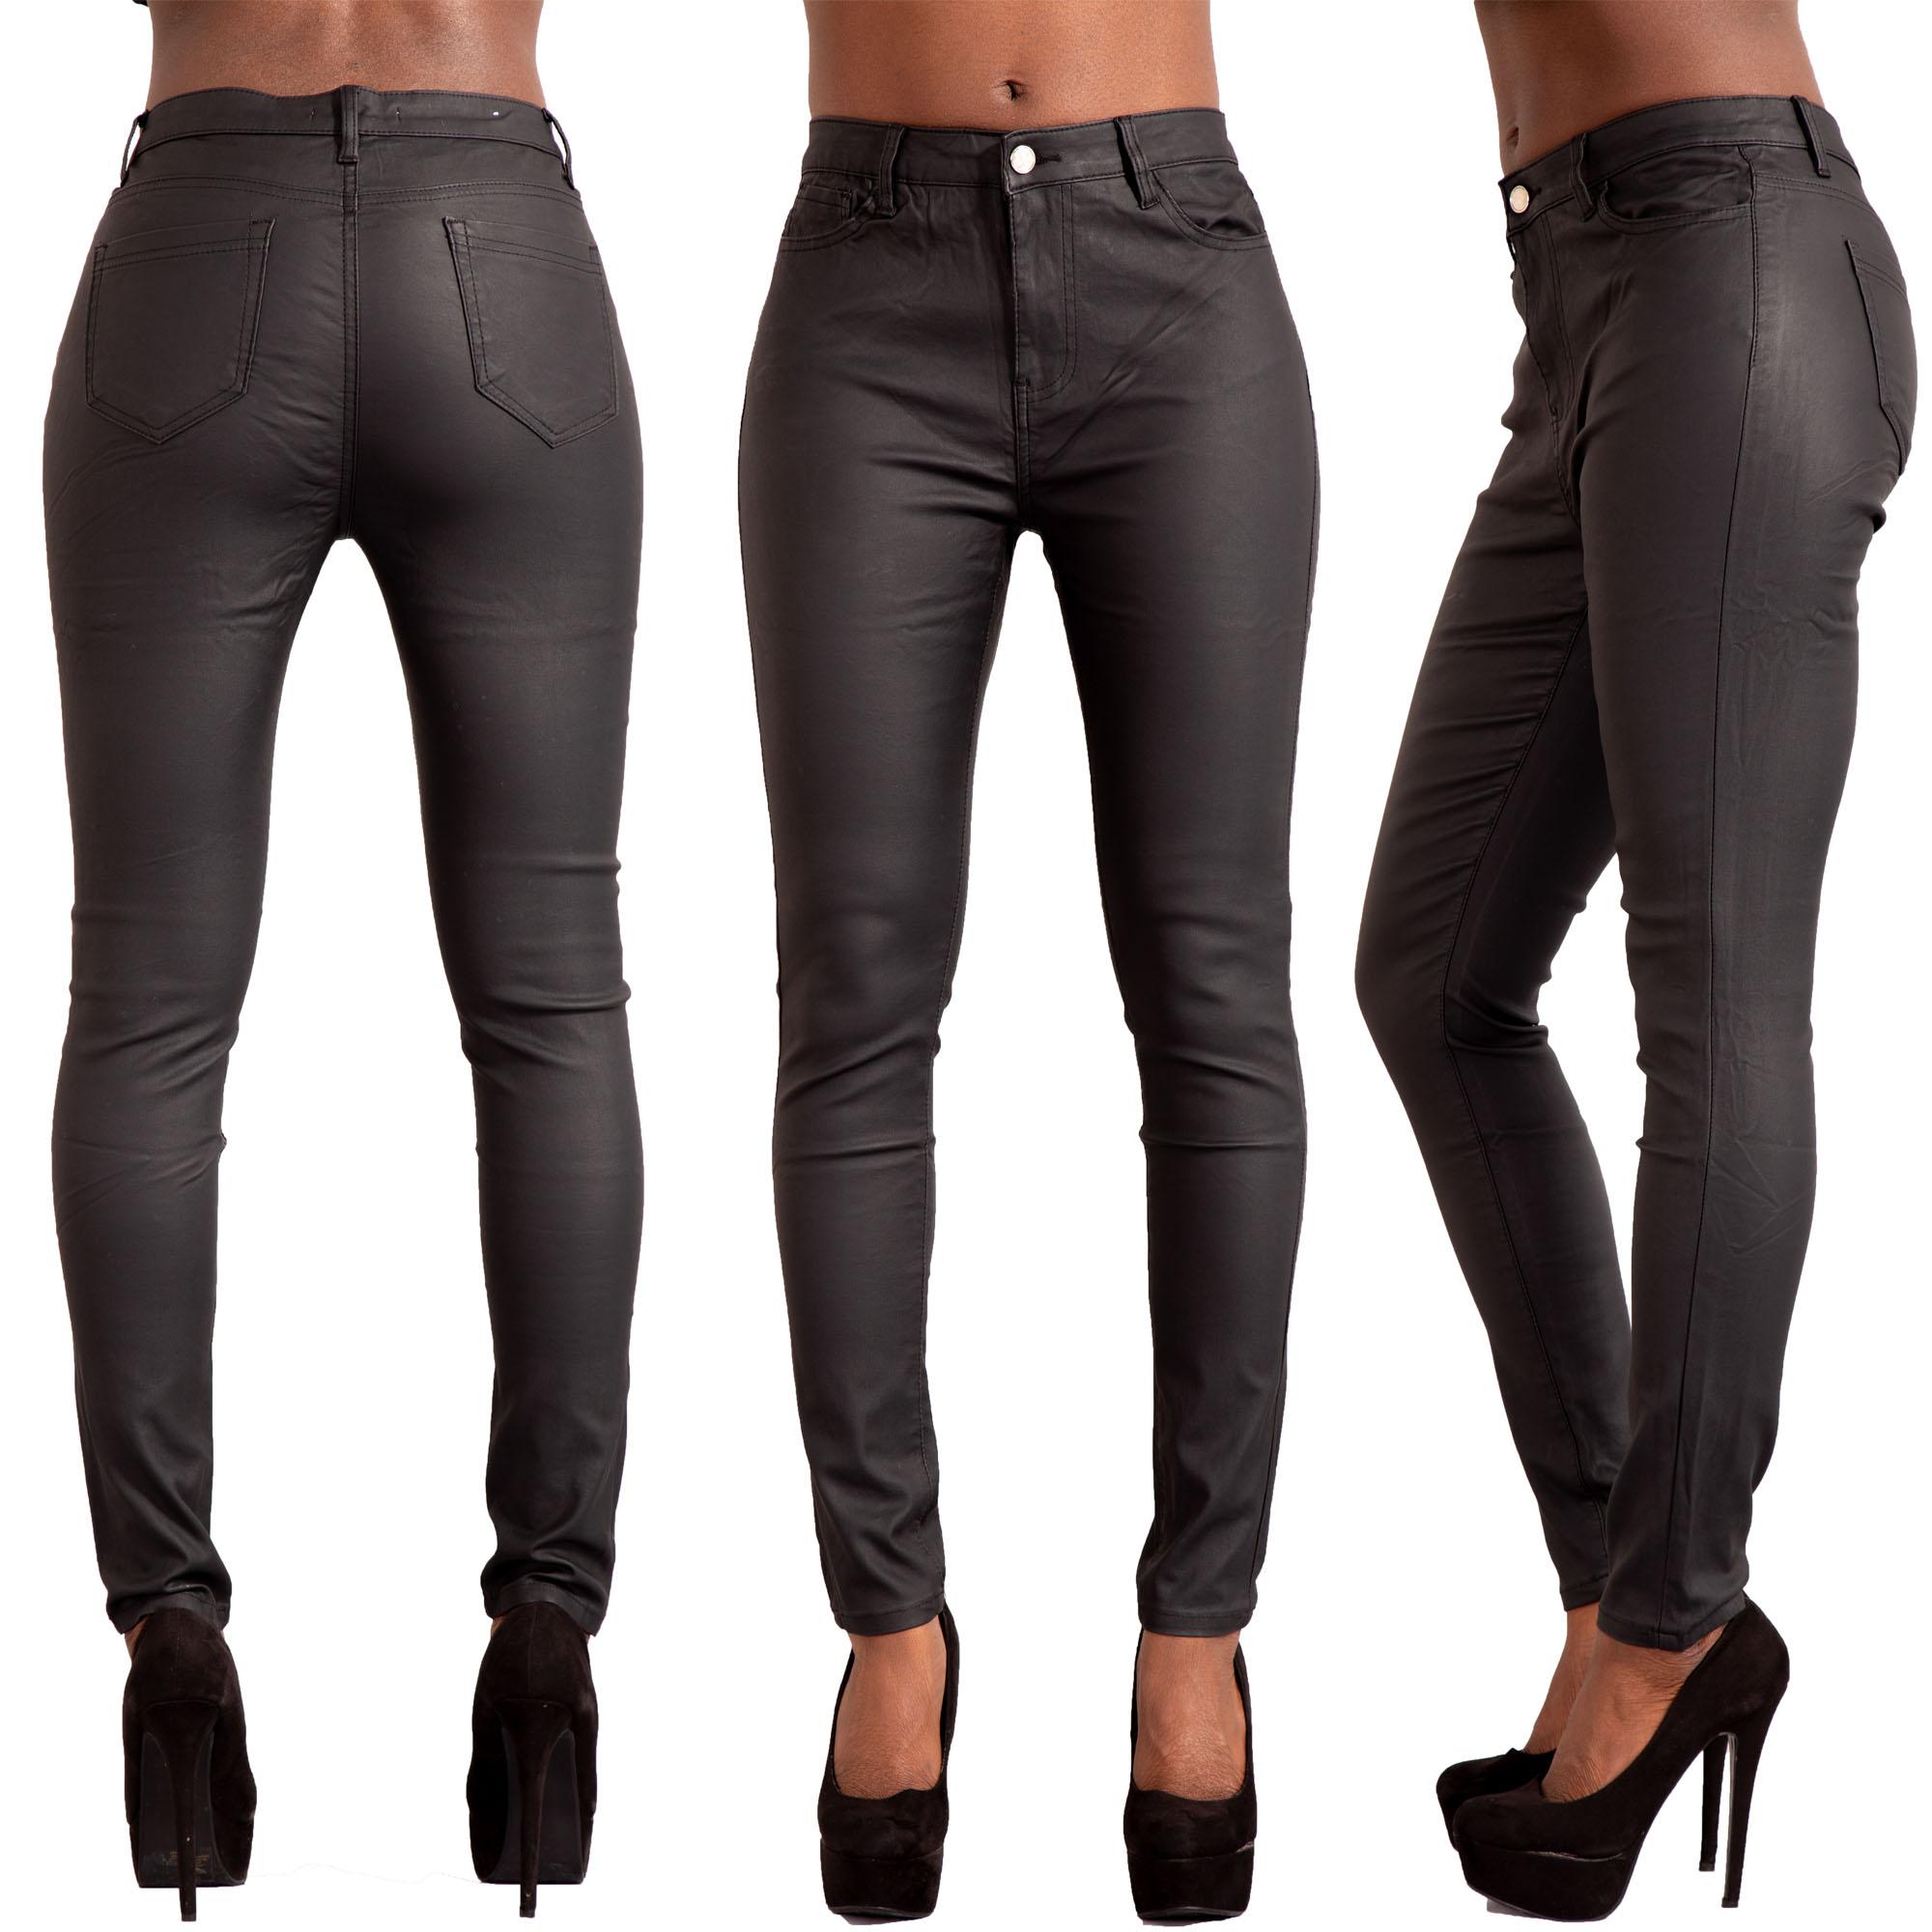 Femme Débutant LE VANNEAU Pantalon Taille UK 8-20 sewing pattern